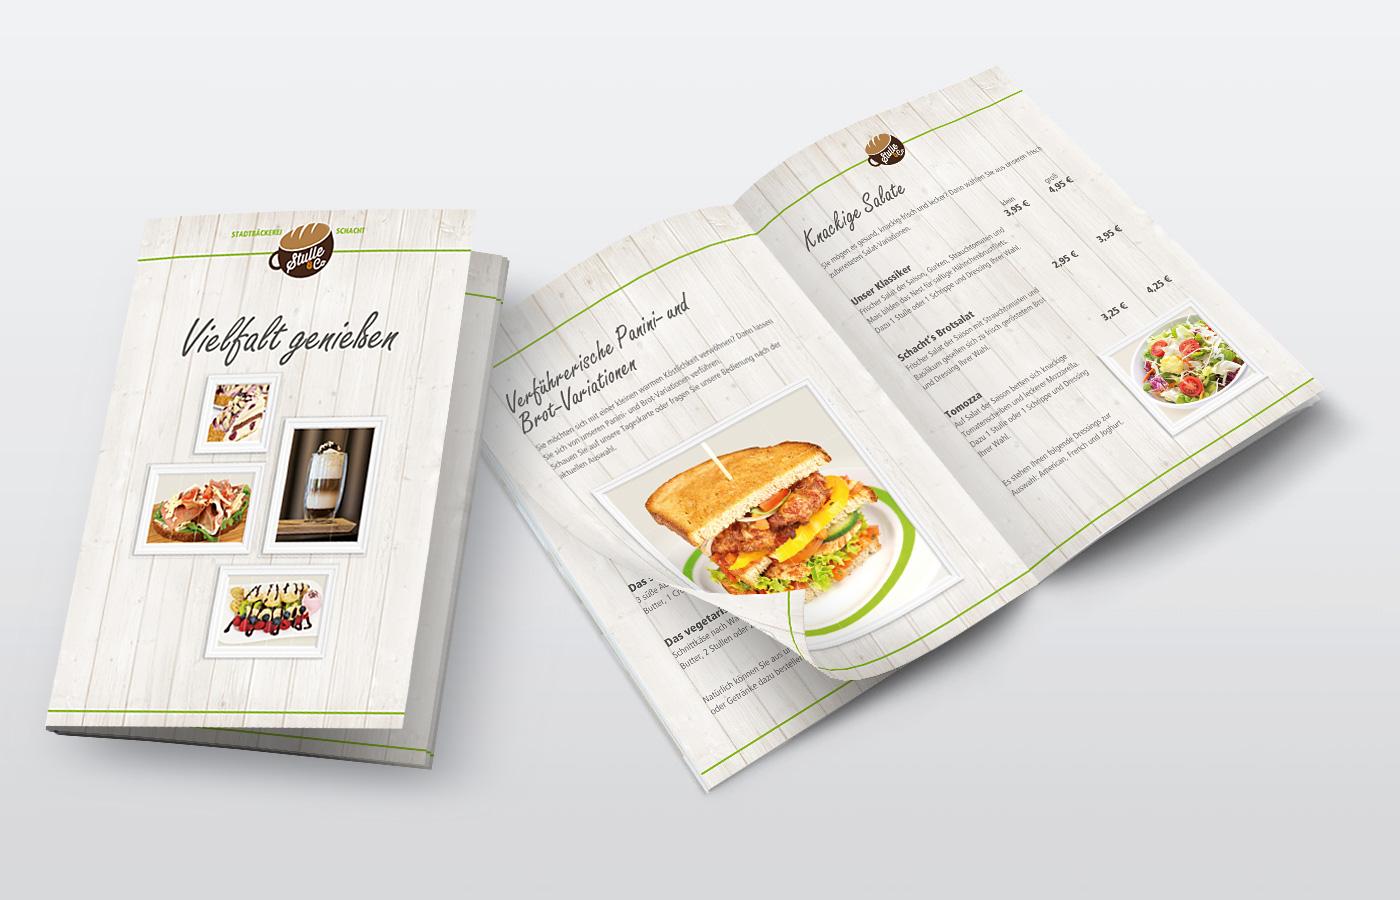 Frühstückskarte, Stadtbäckerei Schacht